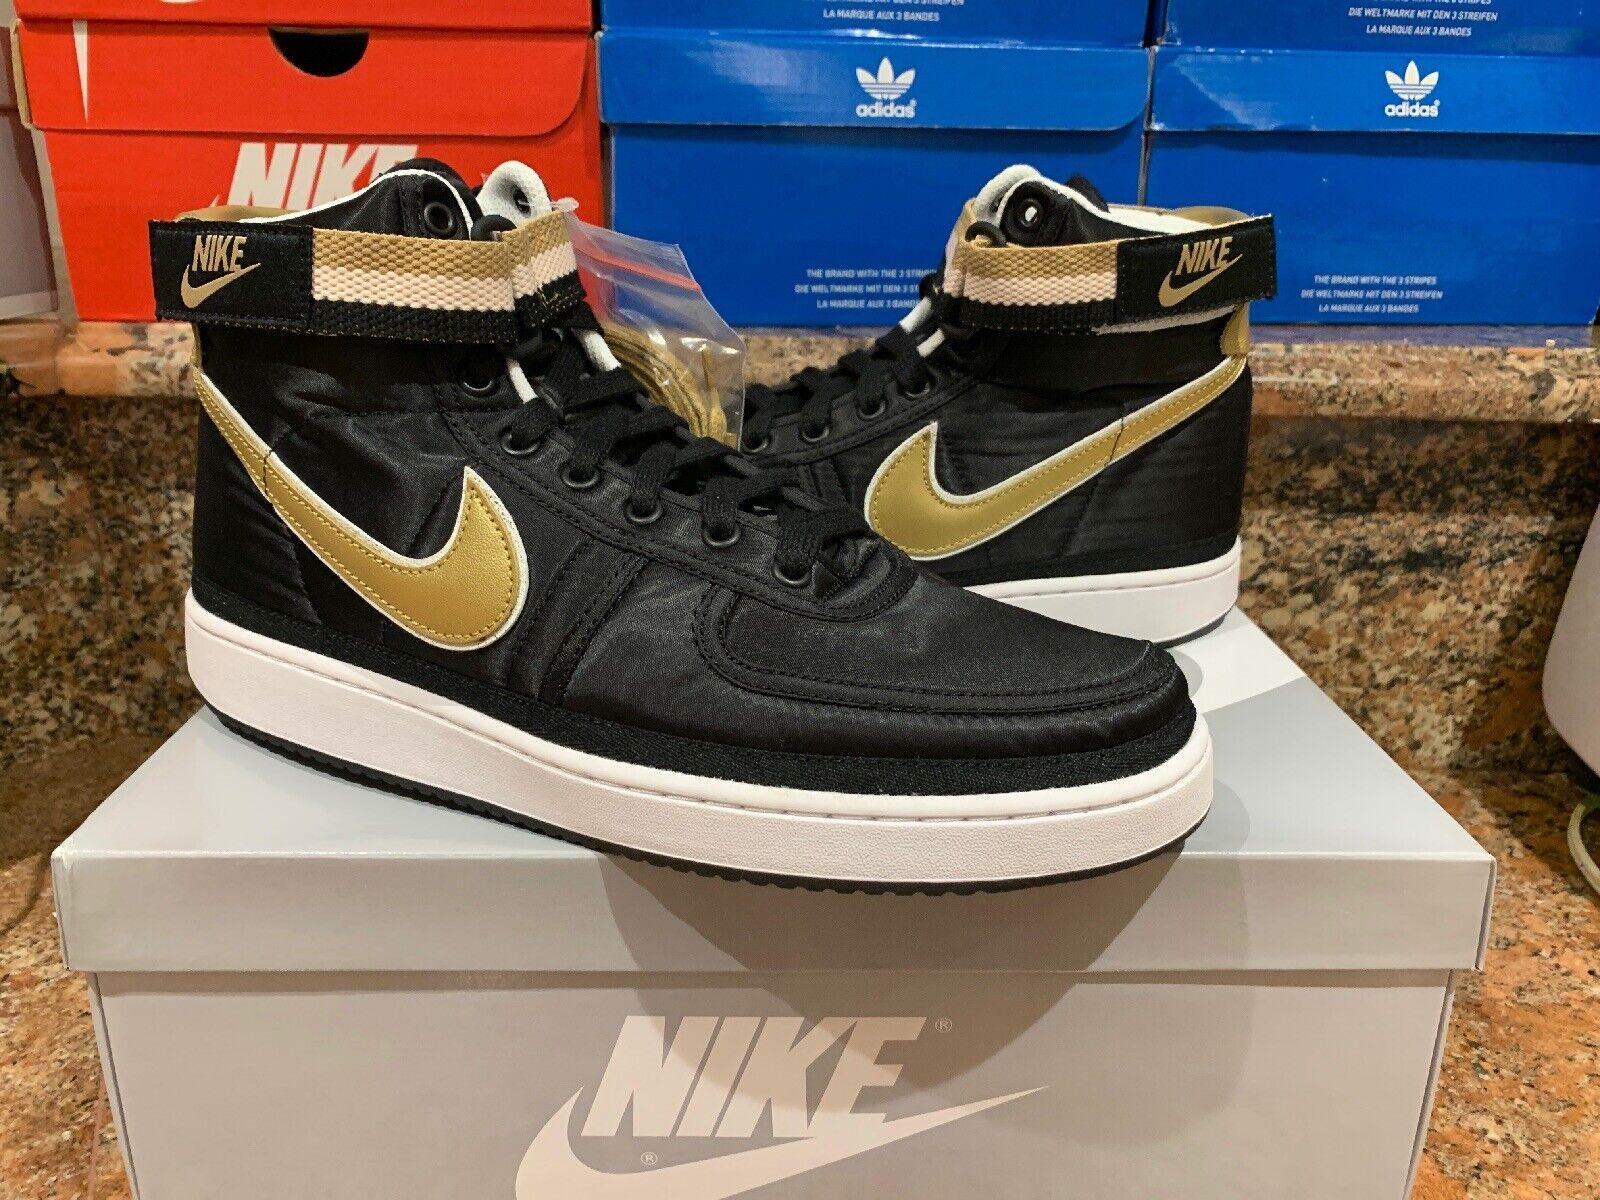 Nike Vandal High Supreme QS Black Metallic Metallic Metallic gold AH8652-002 2f5fc5